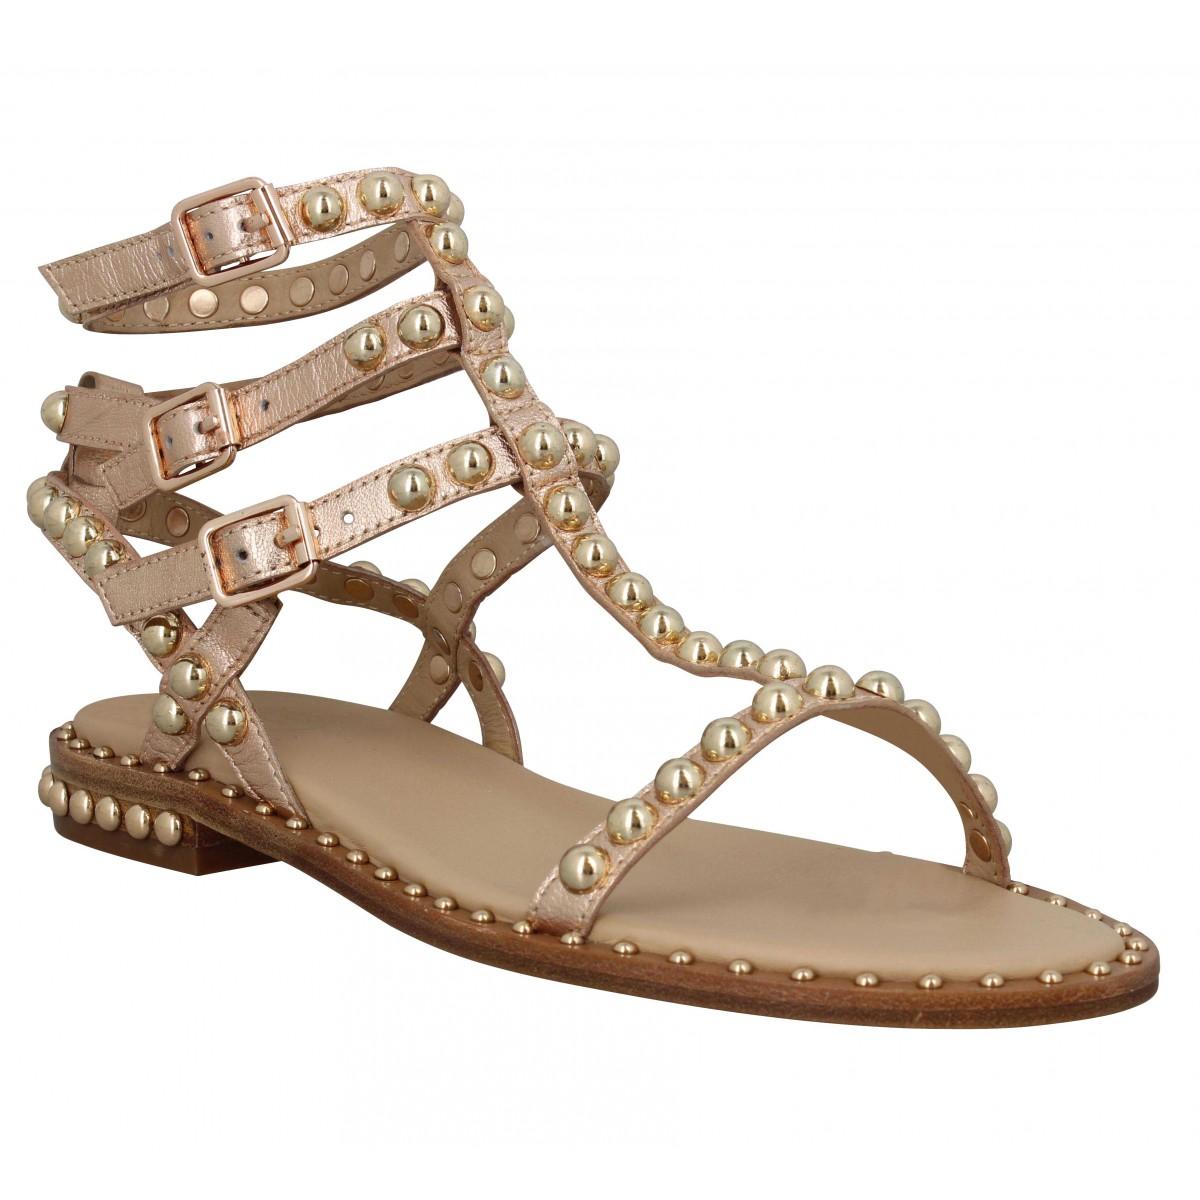 7a986a7803d6a0 Ash chaussures pour femme - Vente en ligne